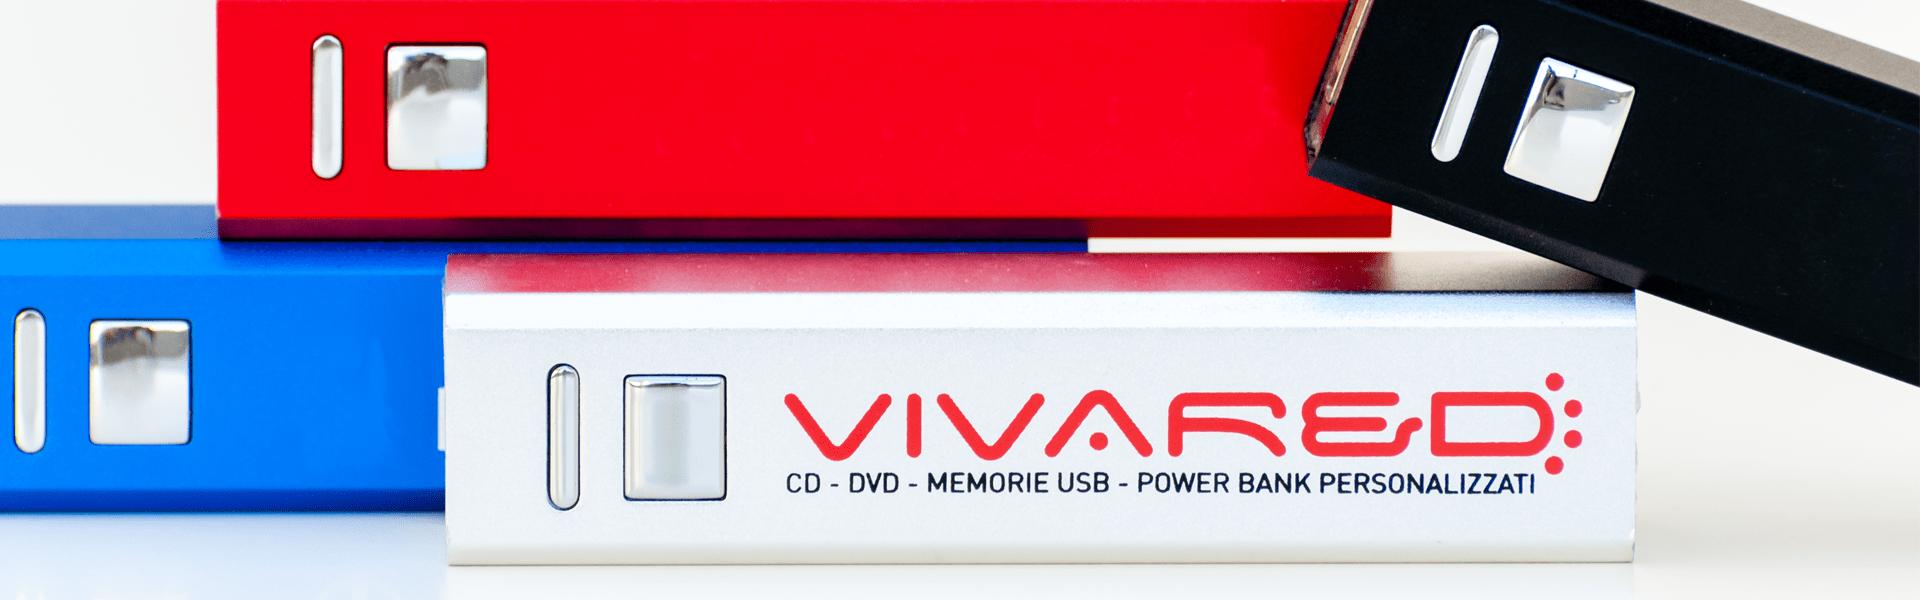 T-701 power banks colorati in metallo e batteria da 2000 a 3000 mAh / Vivared.it Chiavi USB - Power Banks - Lanyards - Borracce - Prodotti promozionali personalizzati